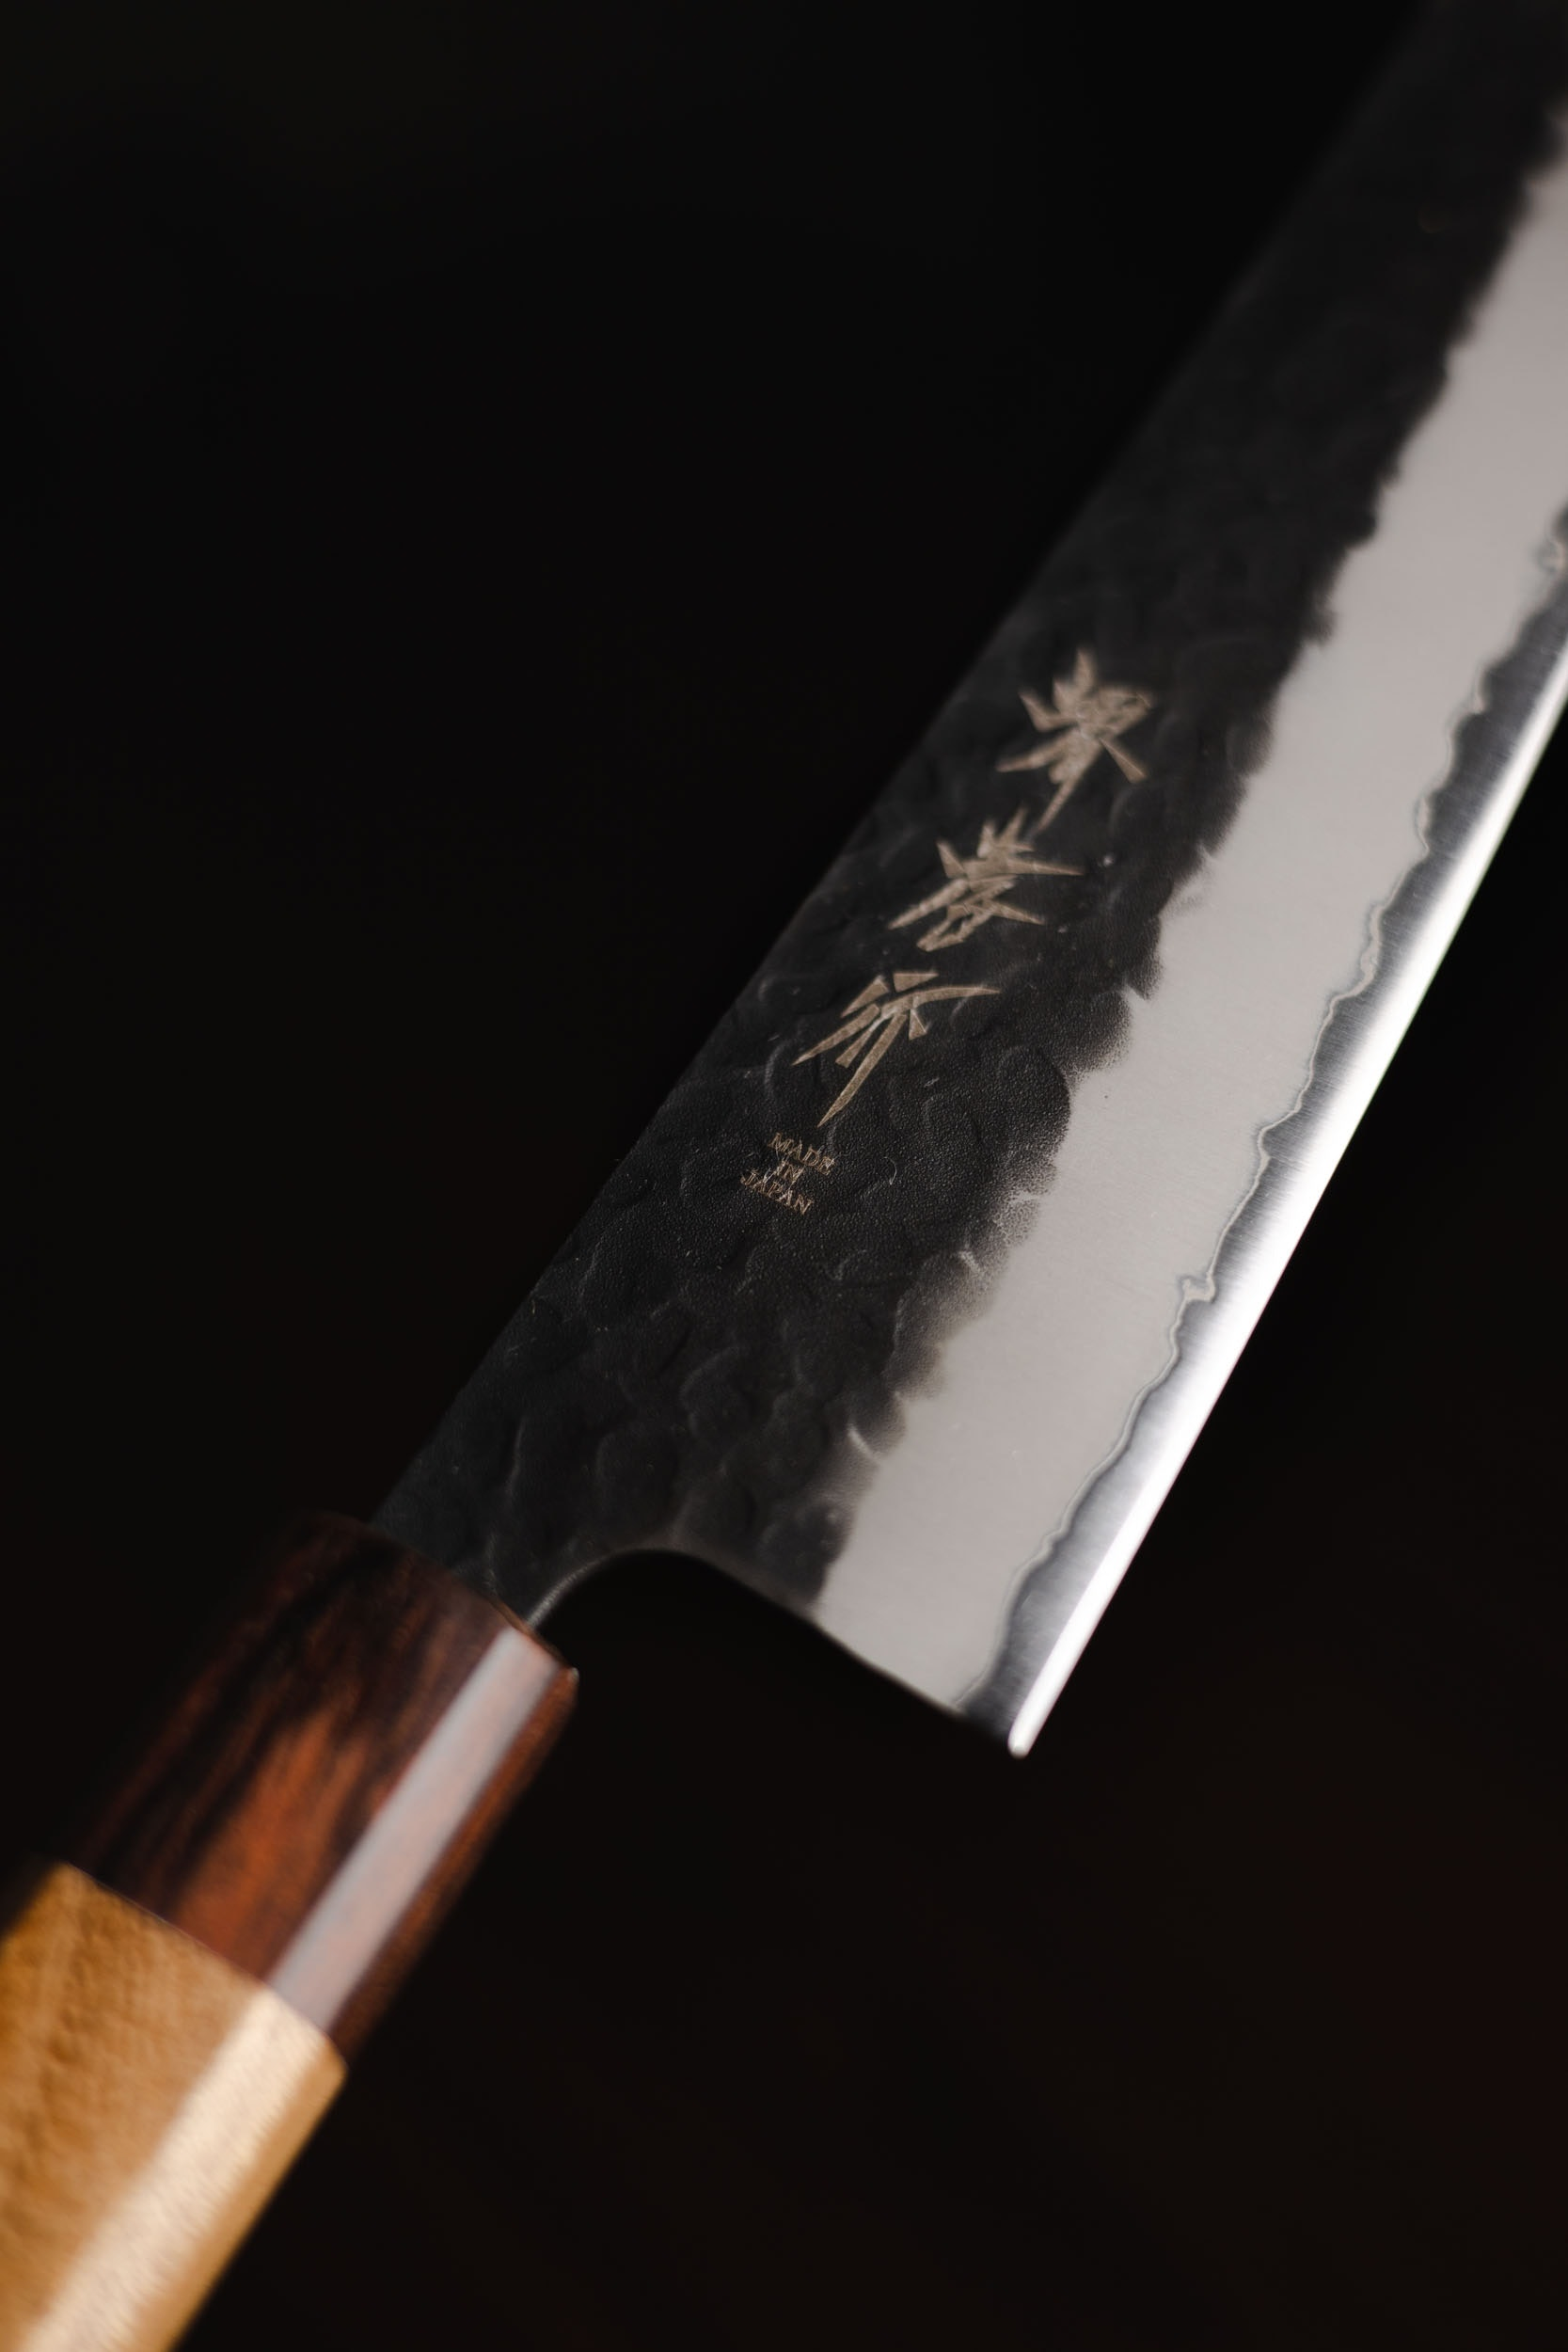 Japanische oder deutsche Kochmesser – vom Duell zur Koexistenz